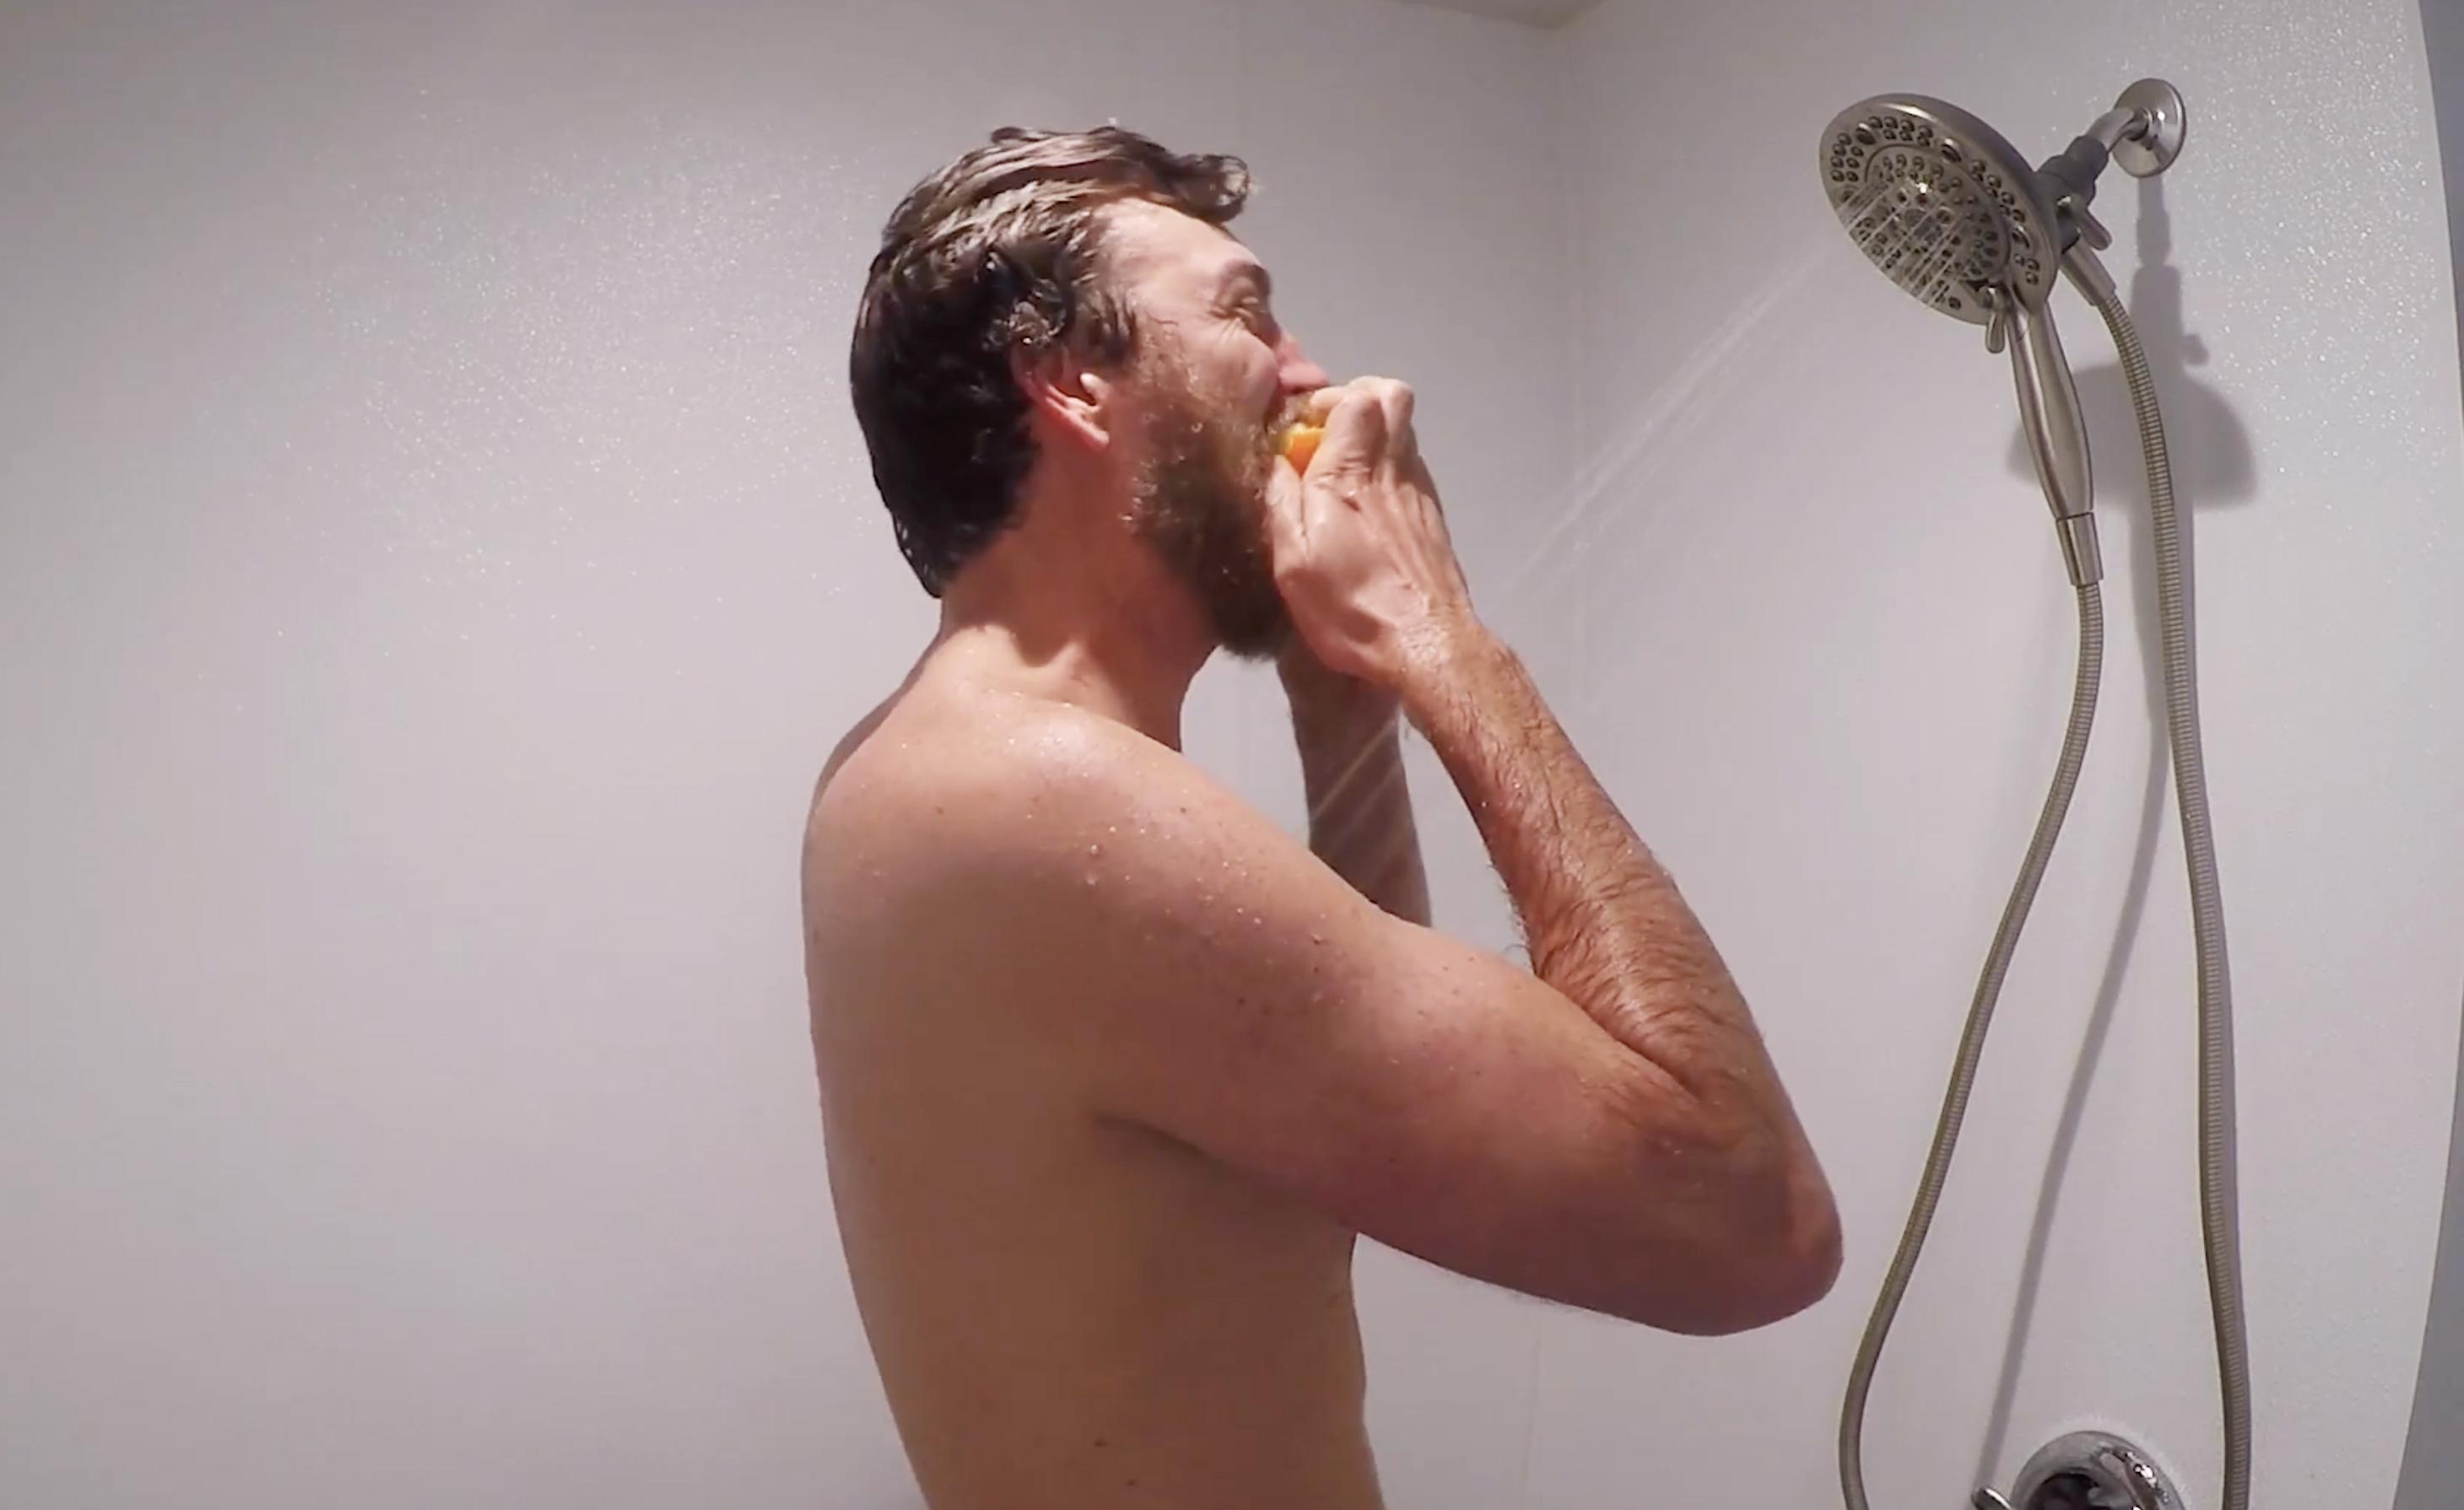 Comer una naranja en la ducha cada día te llena de energía y vitalidad